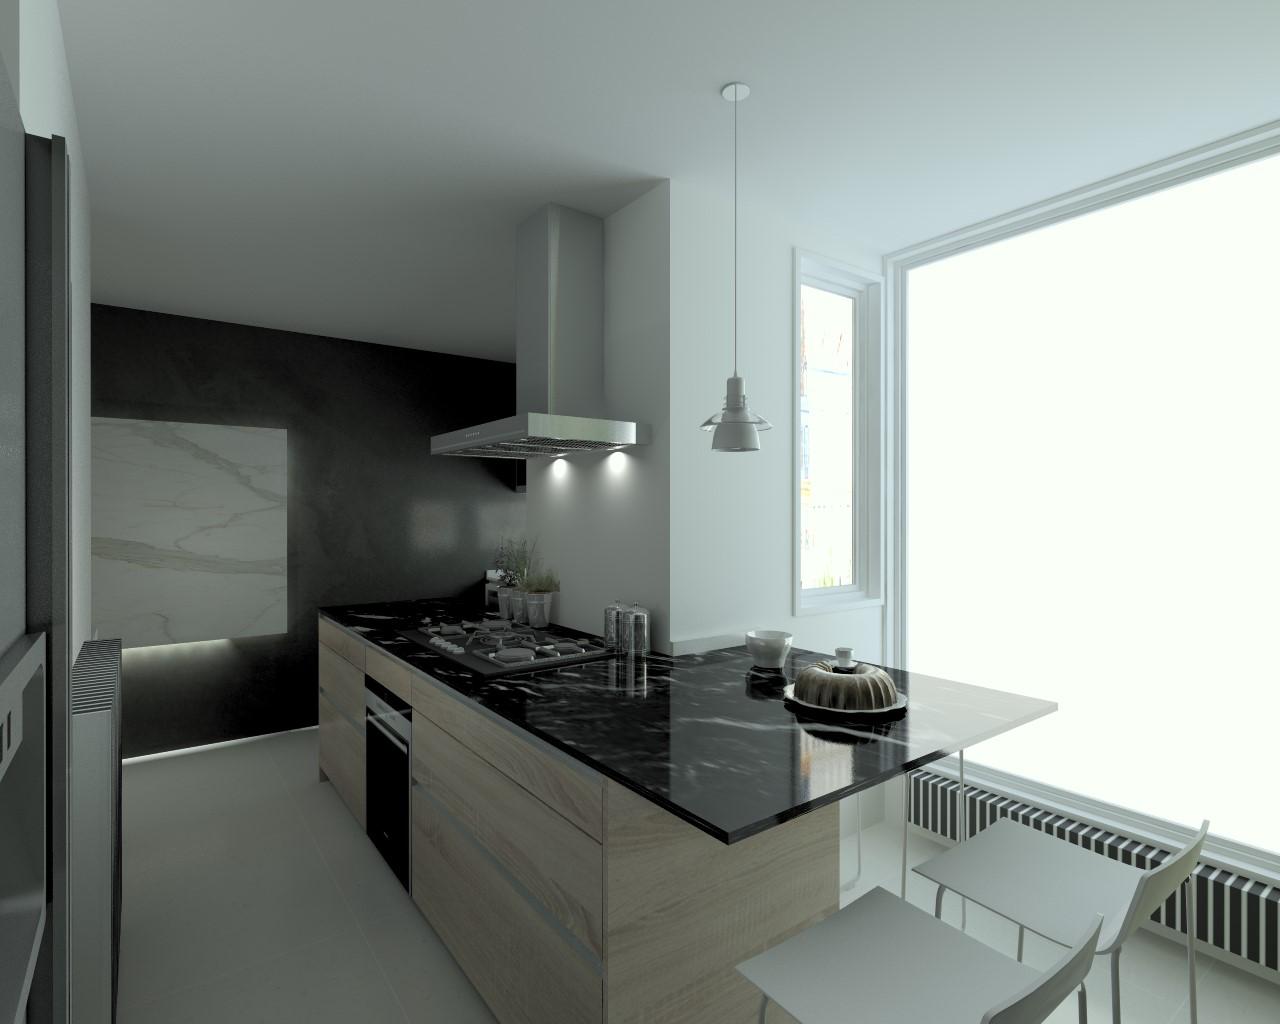 Cocina santos modelo line laminado seda blanco encimera - Encimeras de marmol para cocinas ...